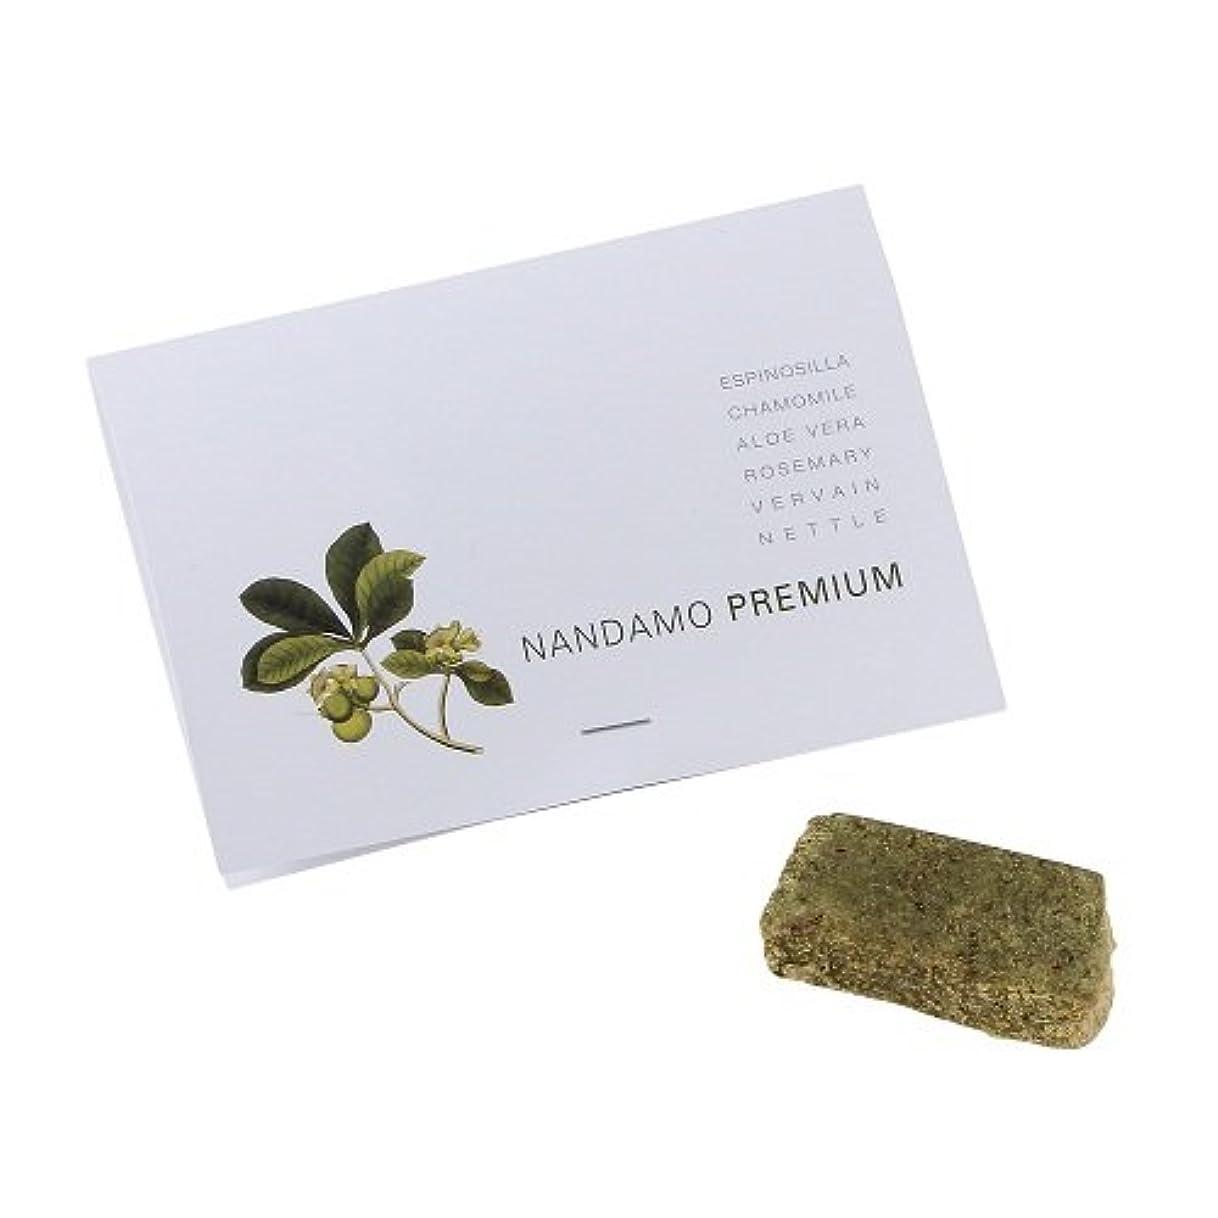 宣伝遺産芝生NANDAMO PREMIUM(ナンダモプレミアム)ナンダモプレミアム12.5g